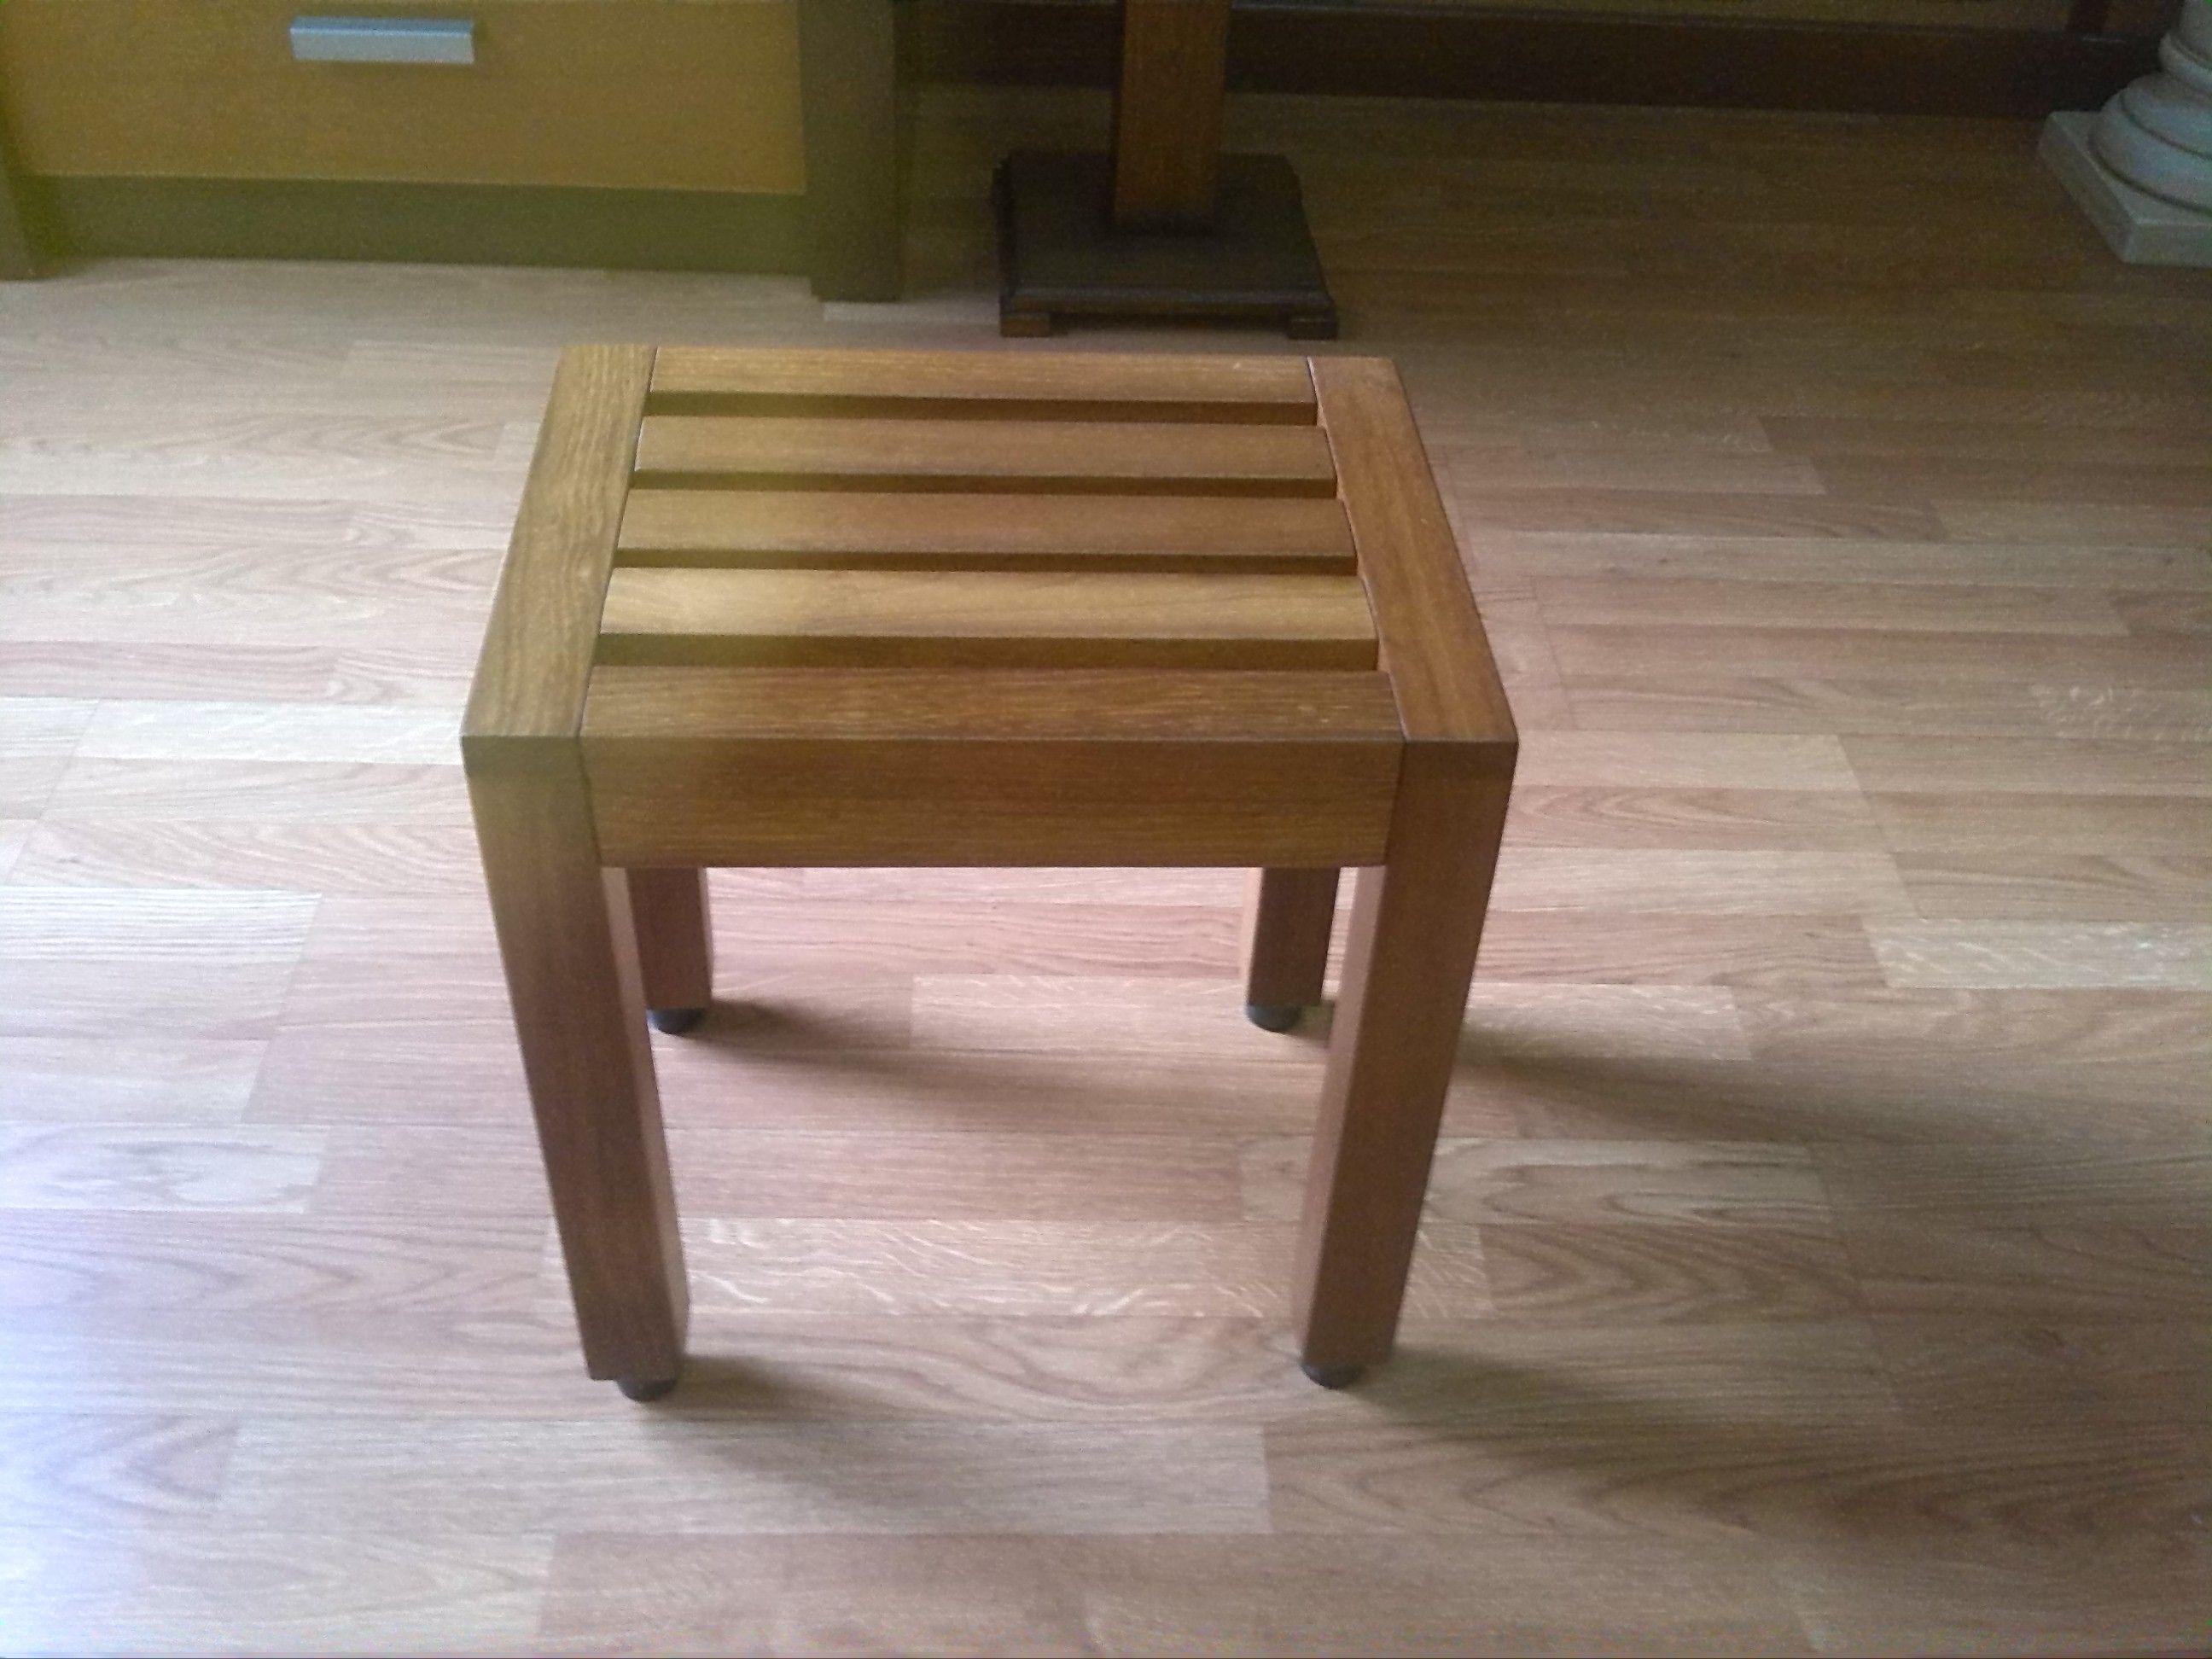 Lavabos ruiz banqueta para ducha modelo alcal asientos para ba o y ducha - Bancos de madera para banos ...